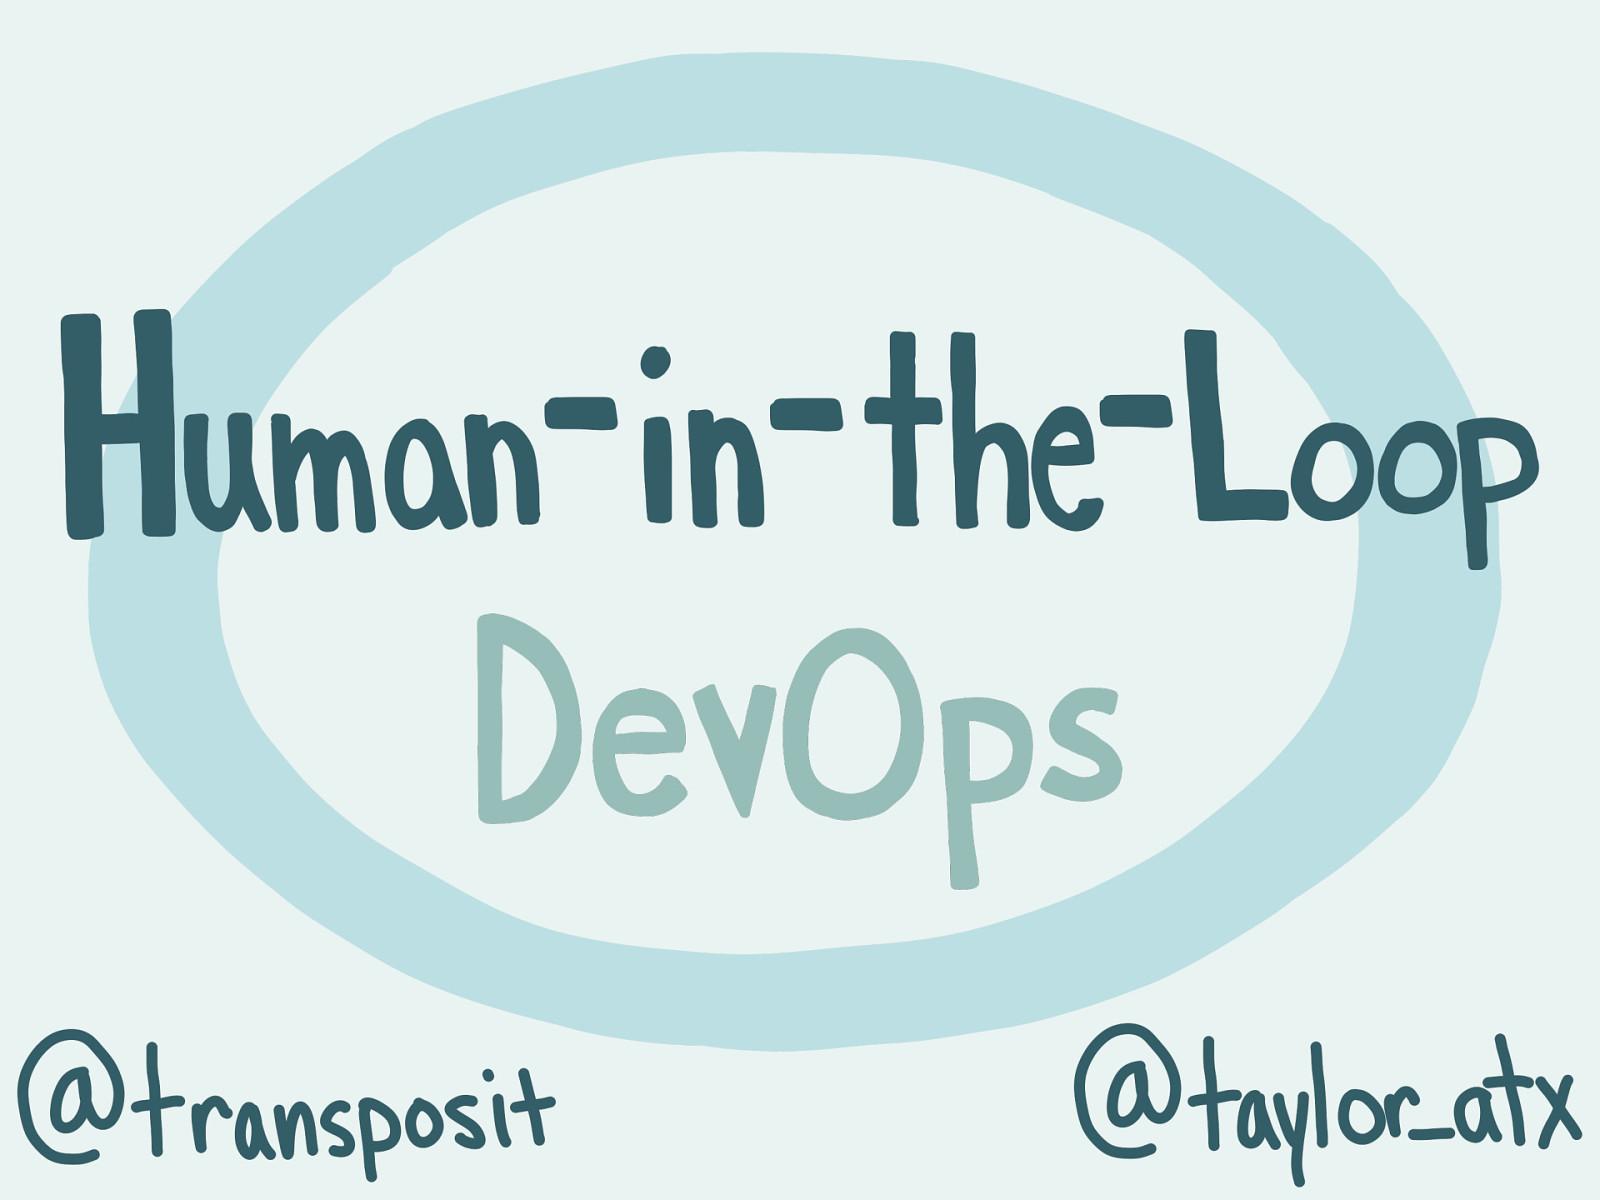 Human-in-the-Loop DevOps